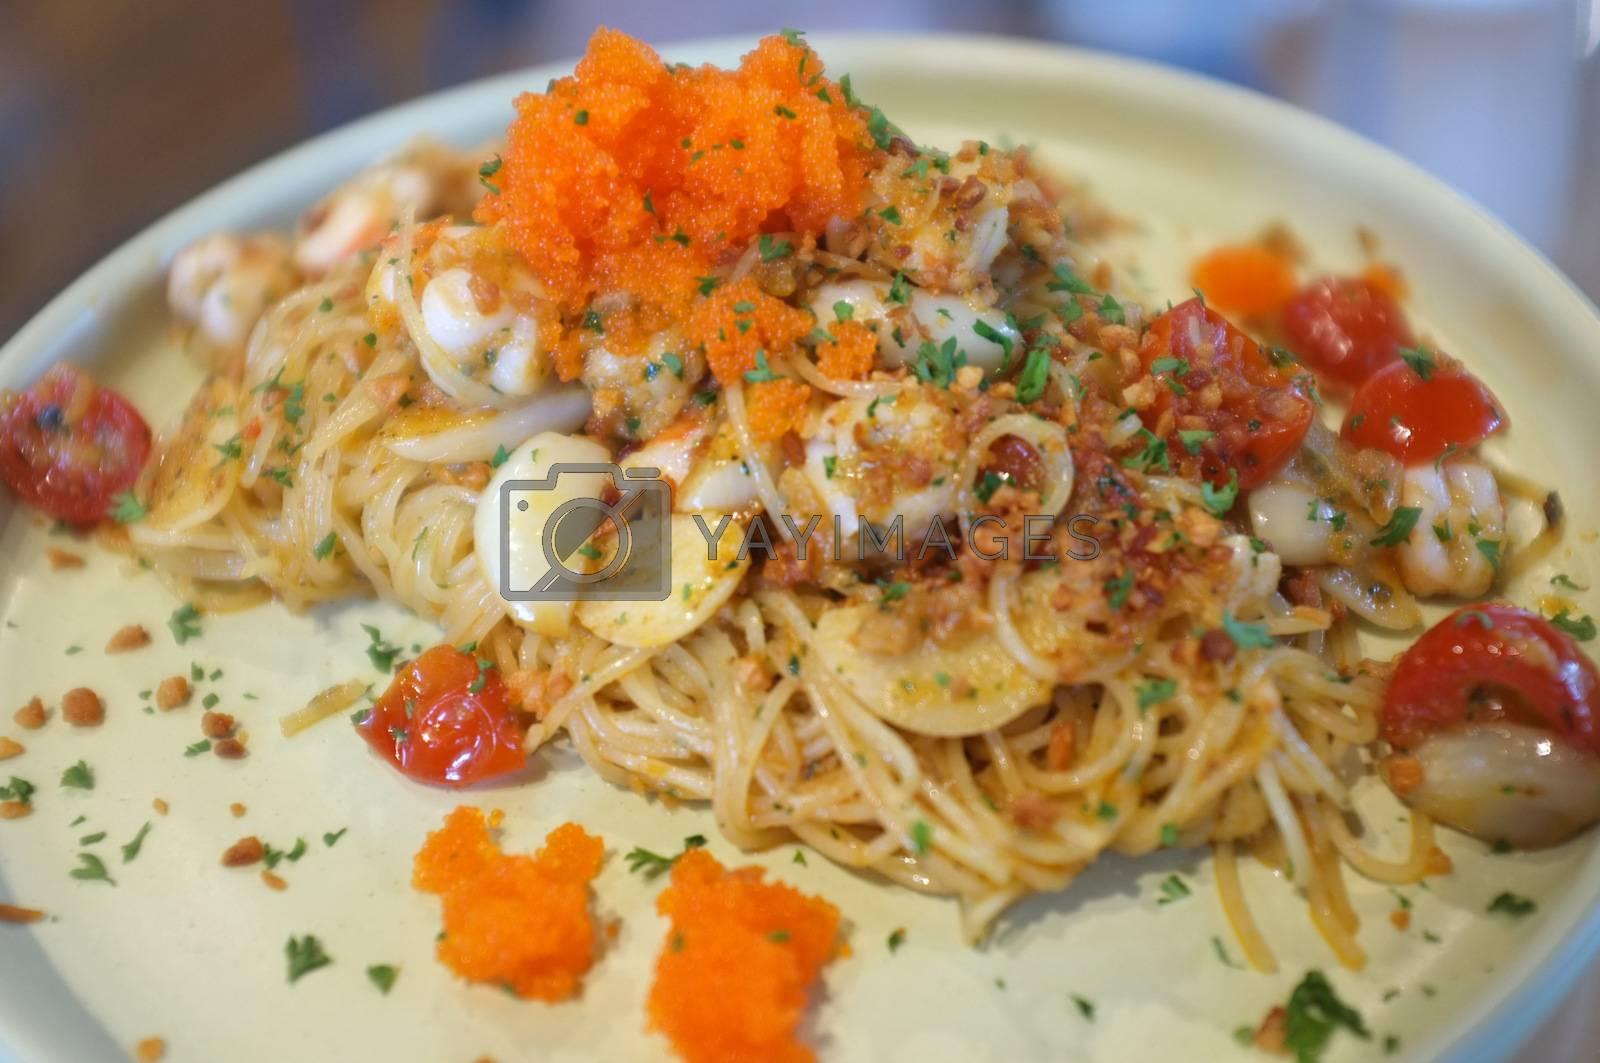 fusion food style , Cream sauce spaghetti egg shrimp